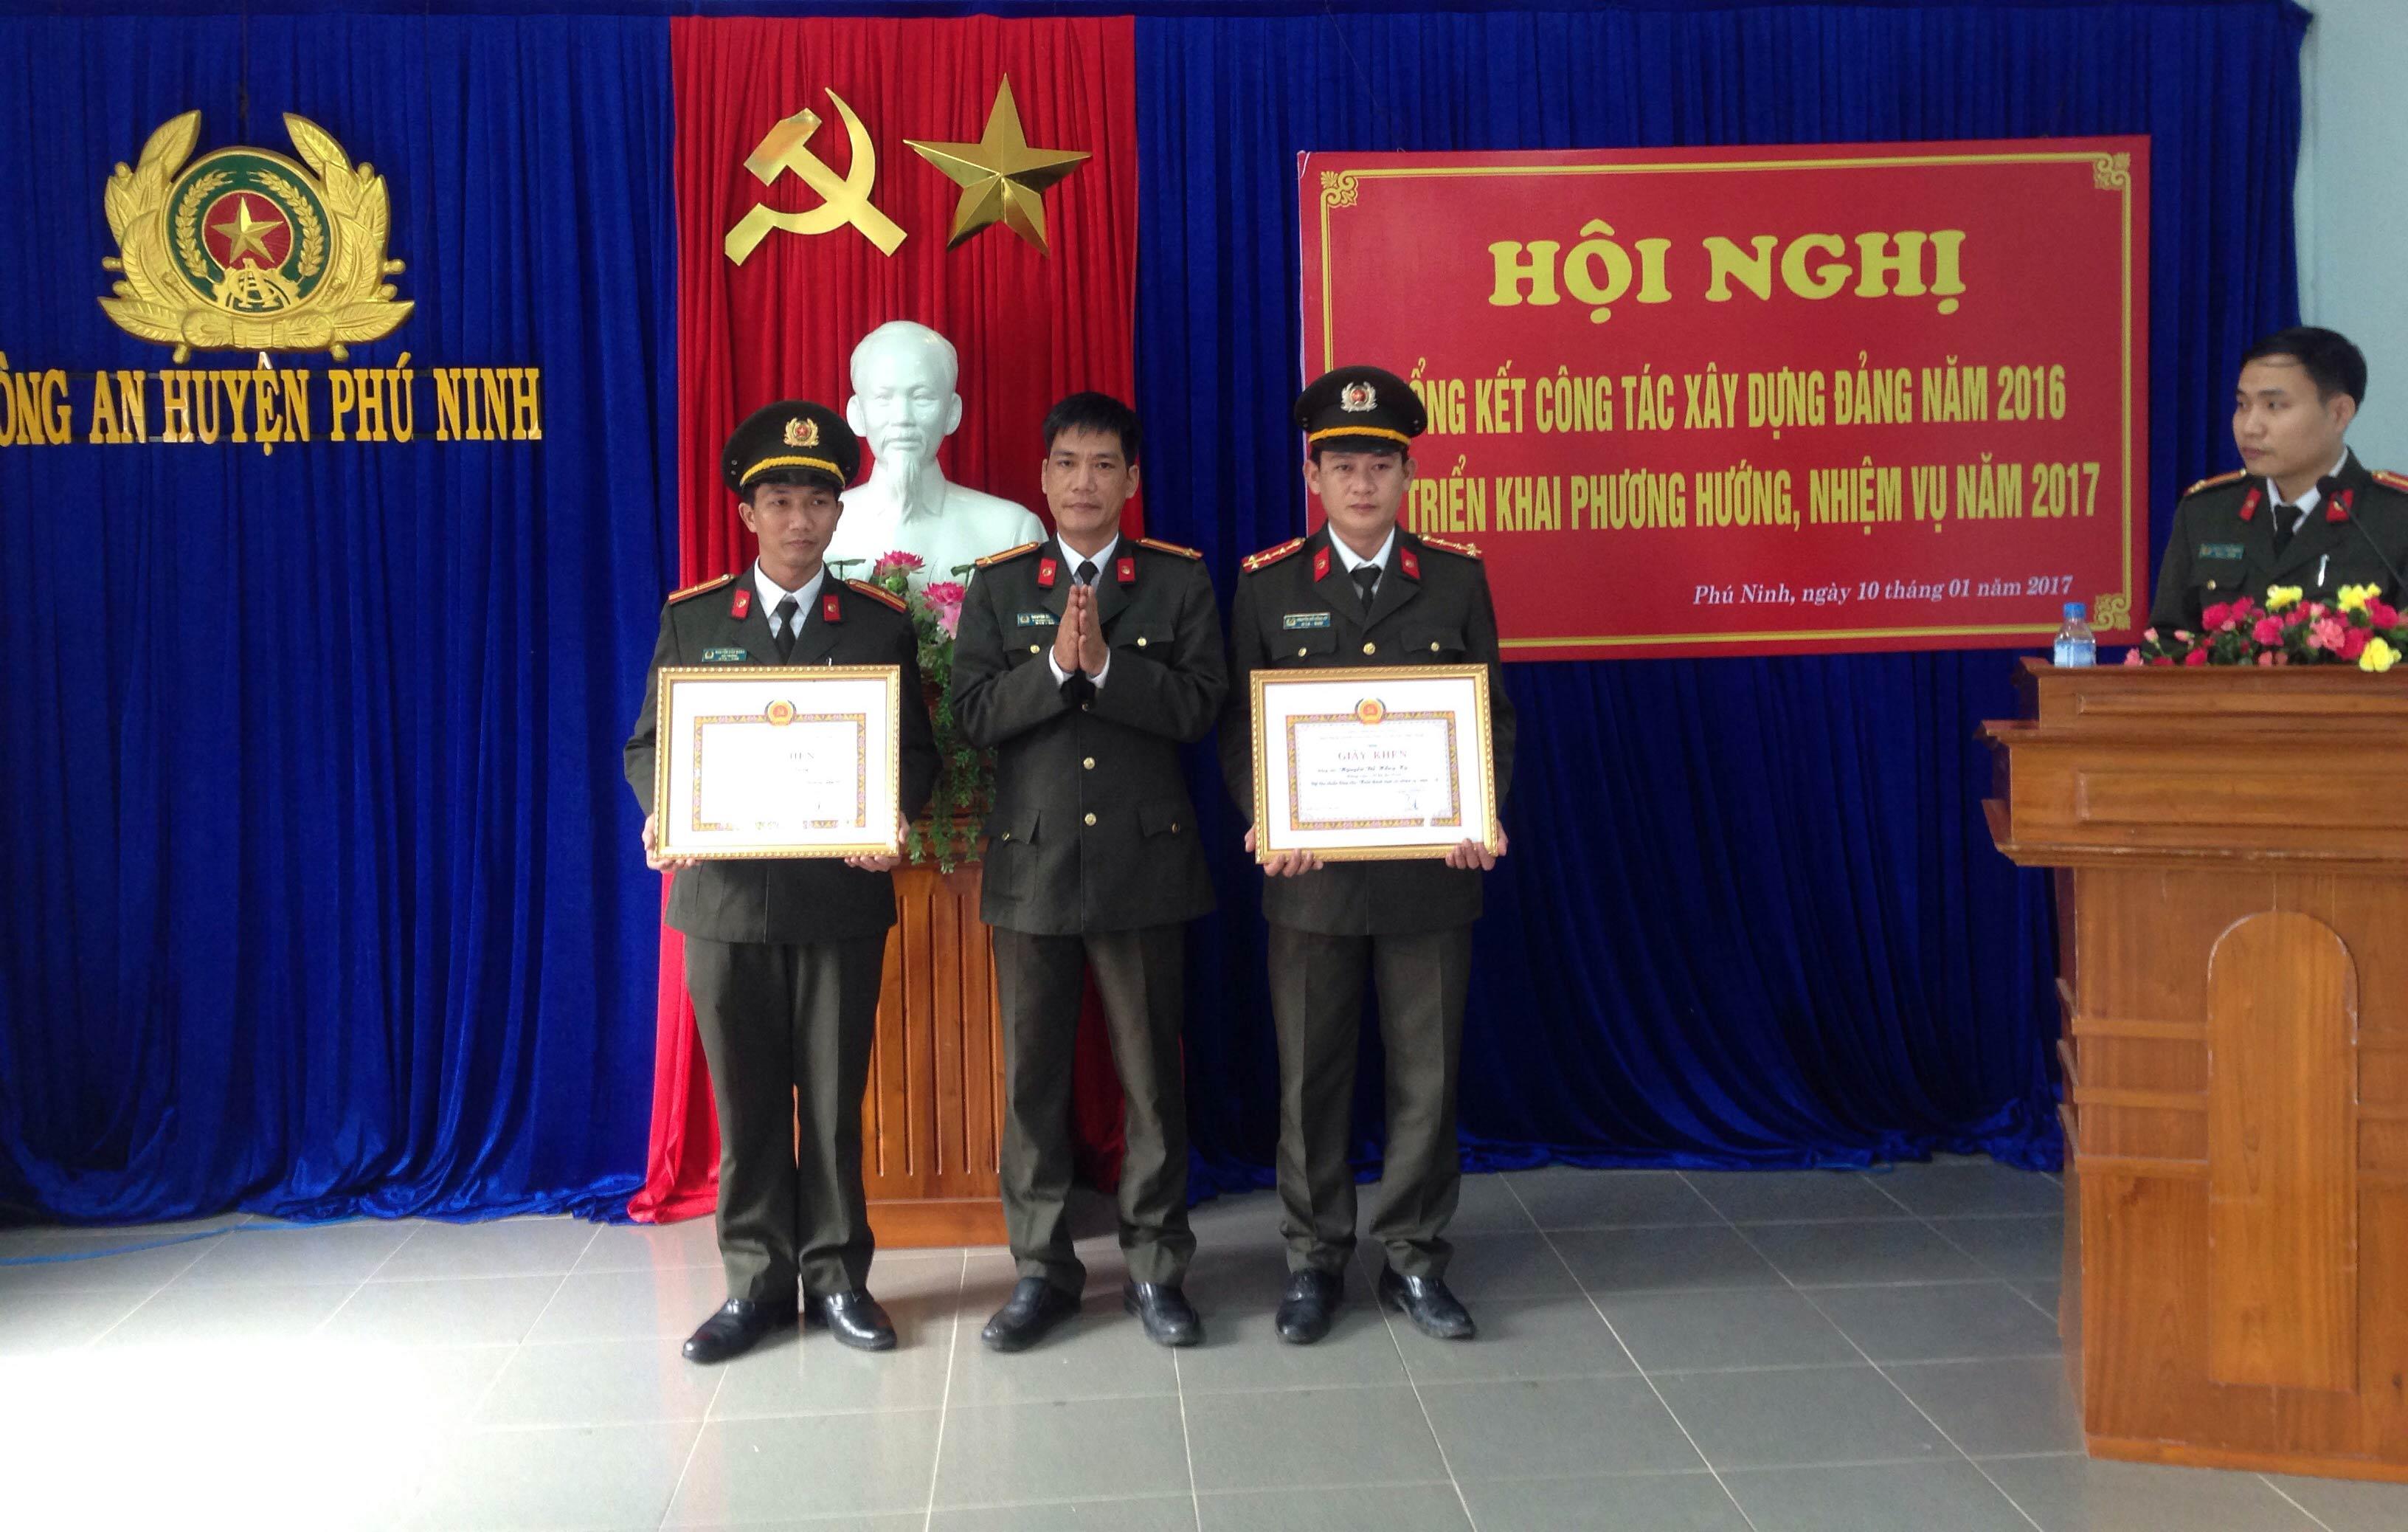 Dịp này, Đảng ủy Công an huyện Phú Ninh đã khen thưởng cho 1 tập thể và 7 cá nhân có thành tích xuất sắc trong công tác xây dựng Đảng. Ảnh: VINH CHÂU